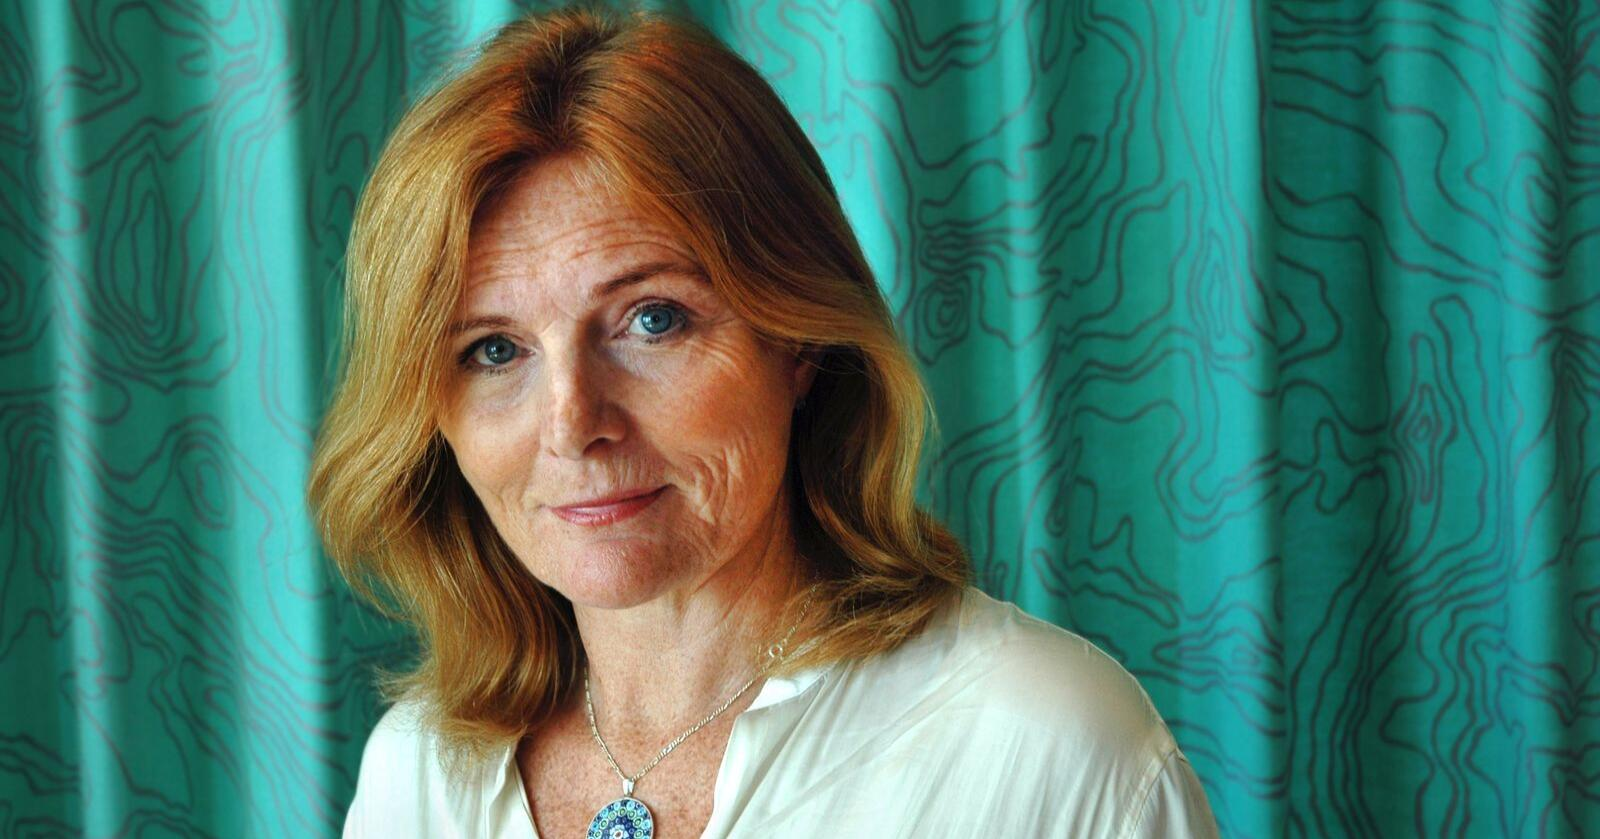 Ragnhild Sollund har skrive boka «Bare et dyr?», der ho tek for seg korleis vi menneske ser på og behandlar dei forskjellige dyra ut frå korleis vi har kategorisert dei. Foto: Per Jørgen Ystehede / UiO